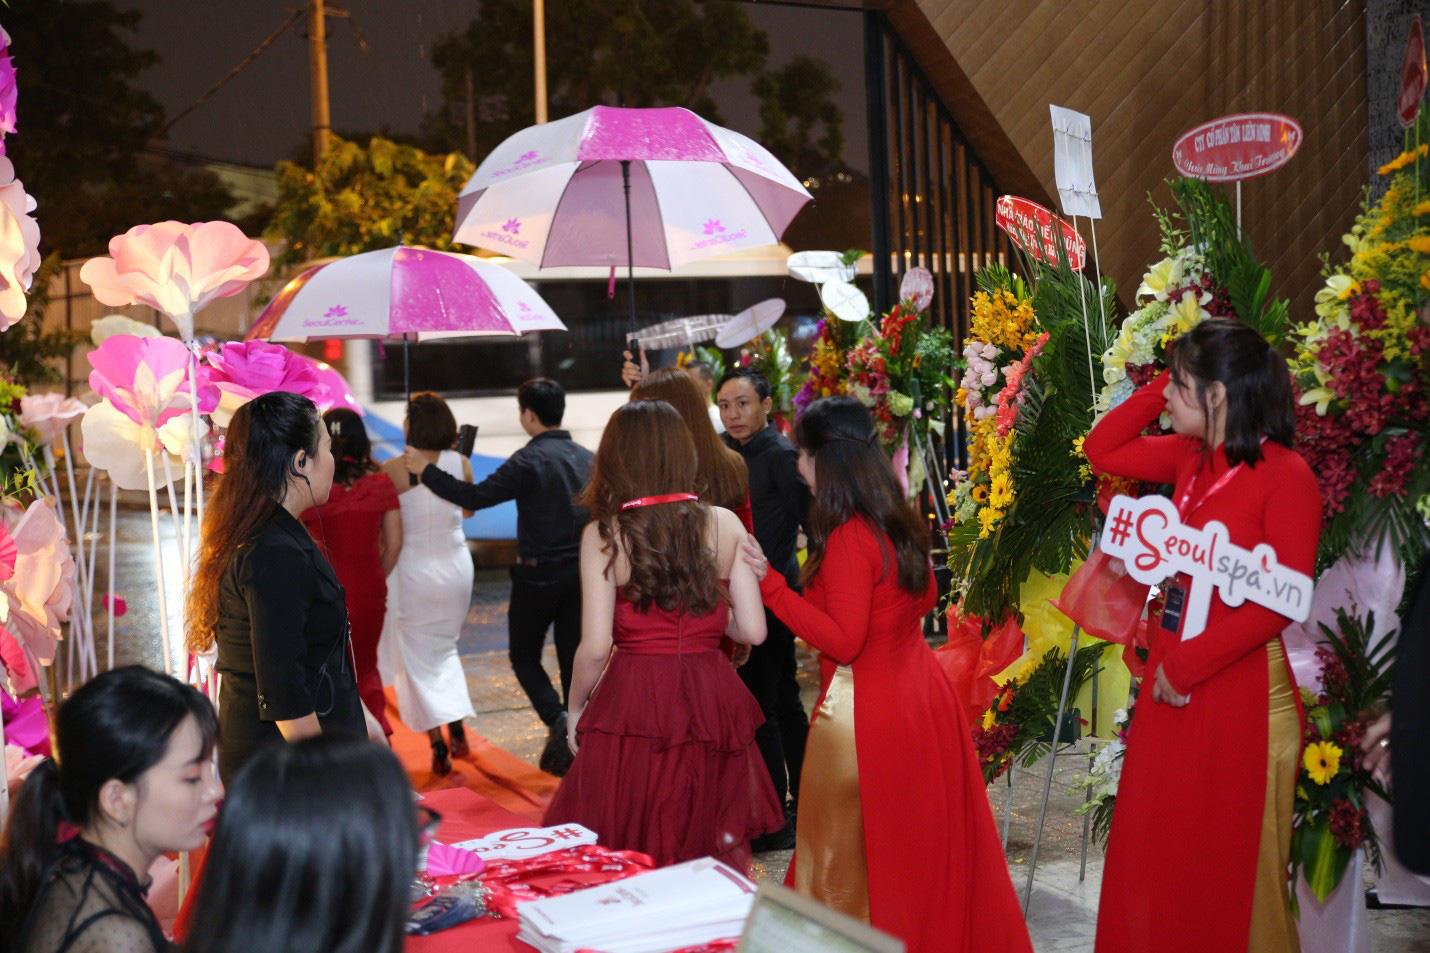 Hơn 600 khách hàng tham dự dạ tiệc tri ân khách hàng của SeoulSpa.Vn - Ảnh 1.